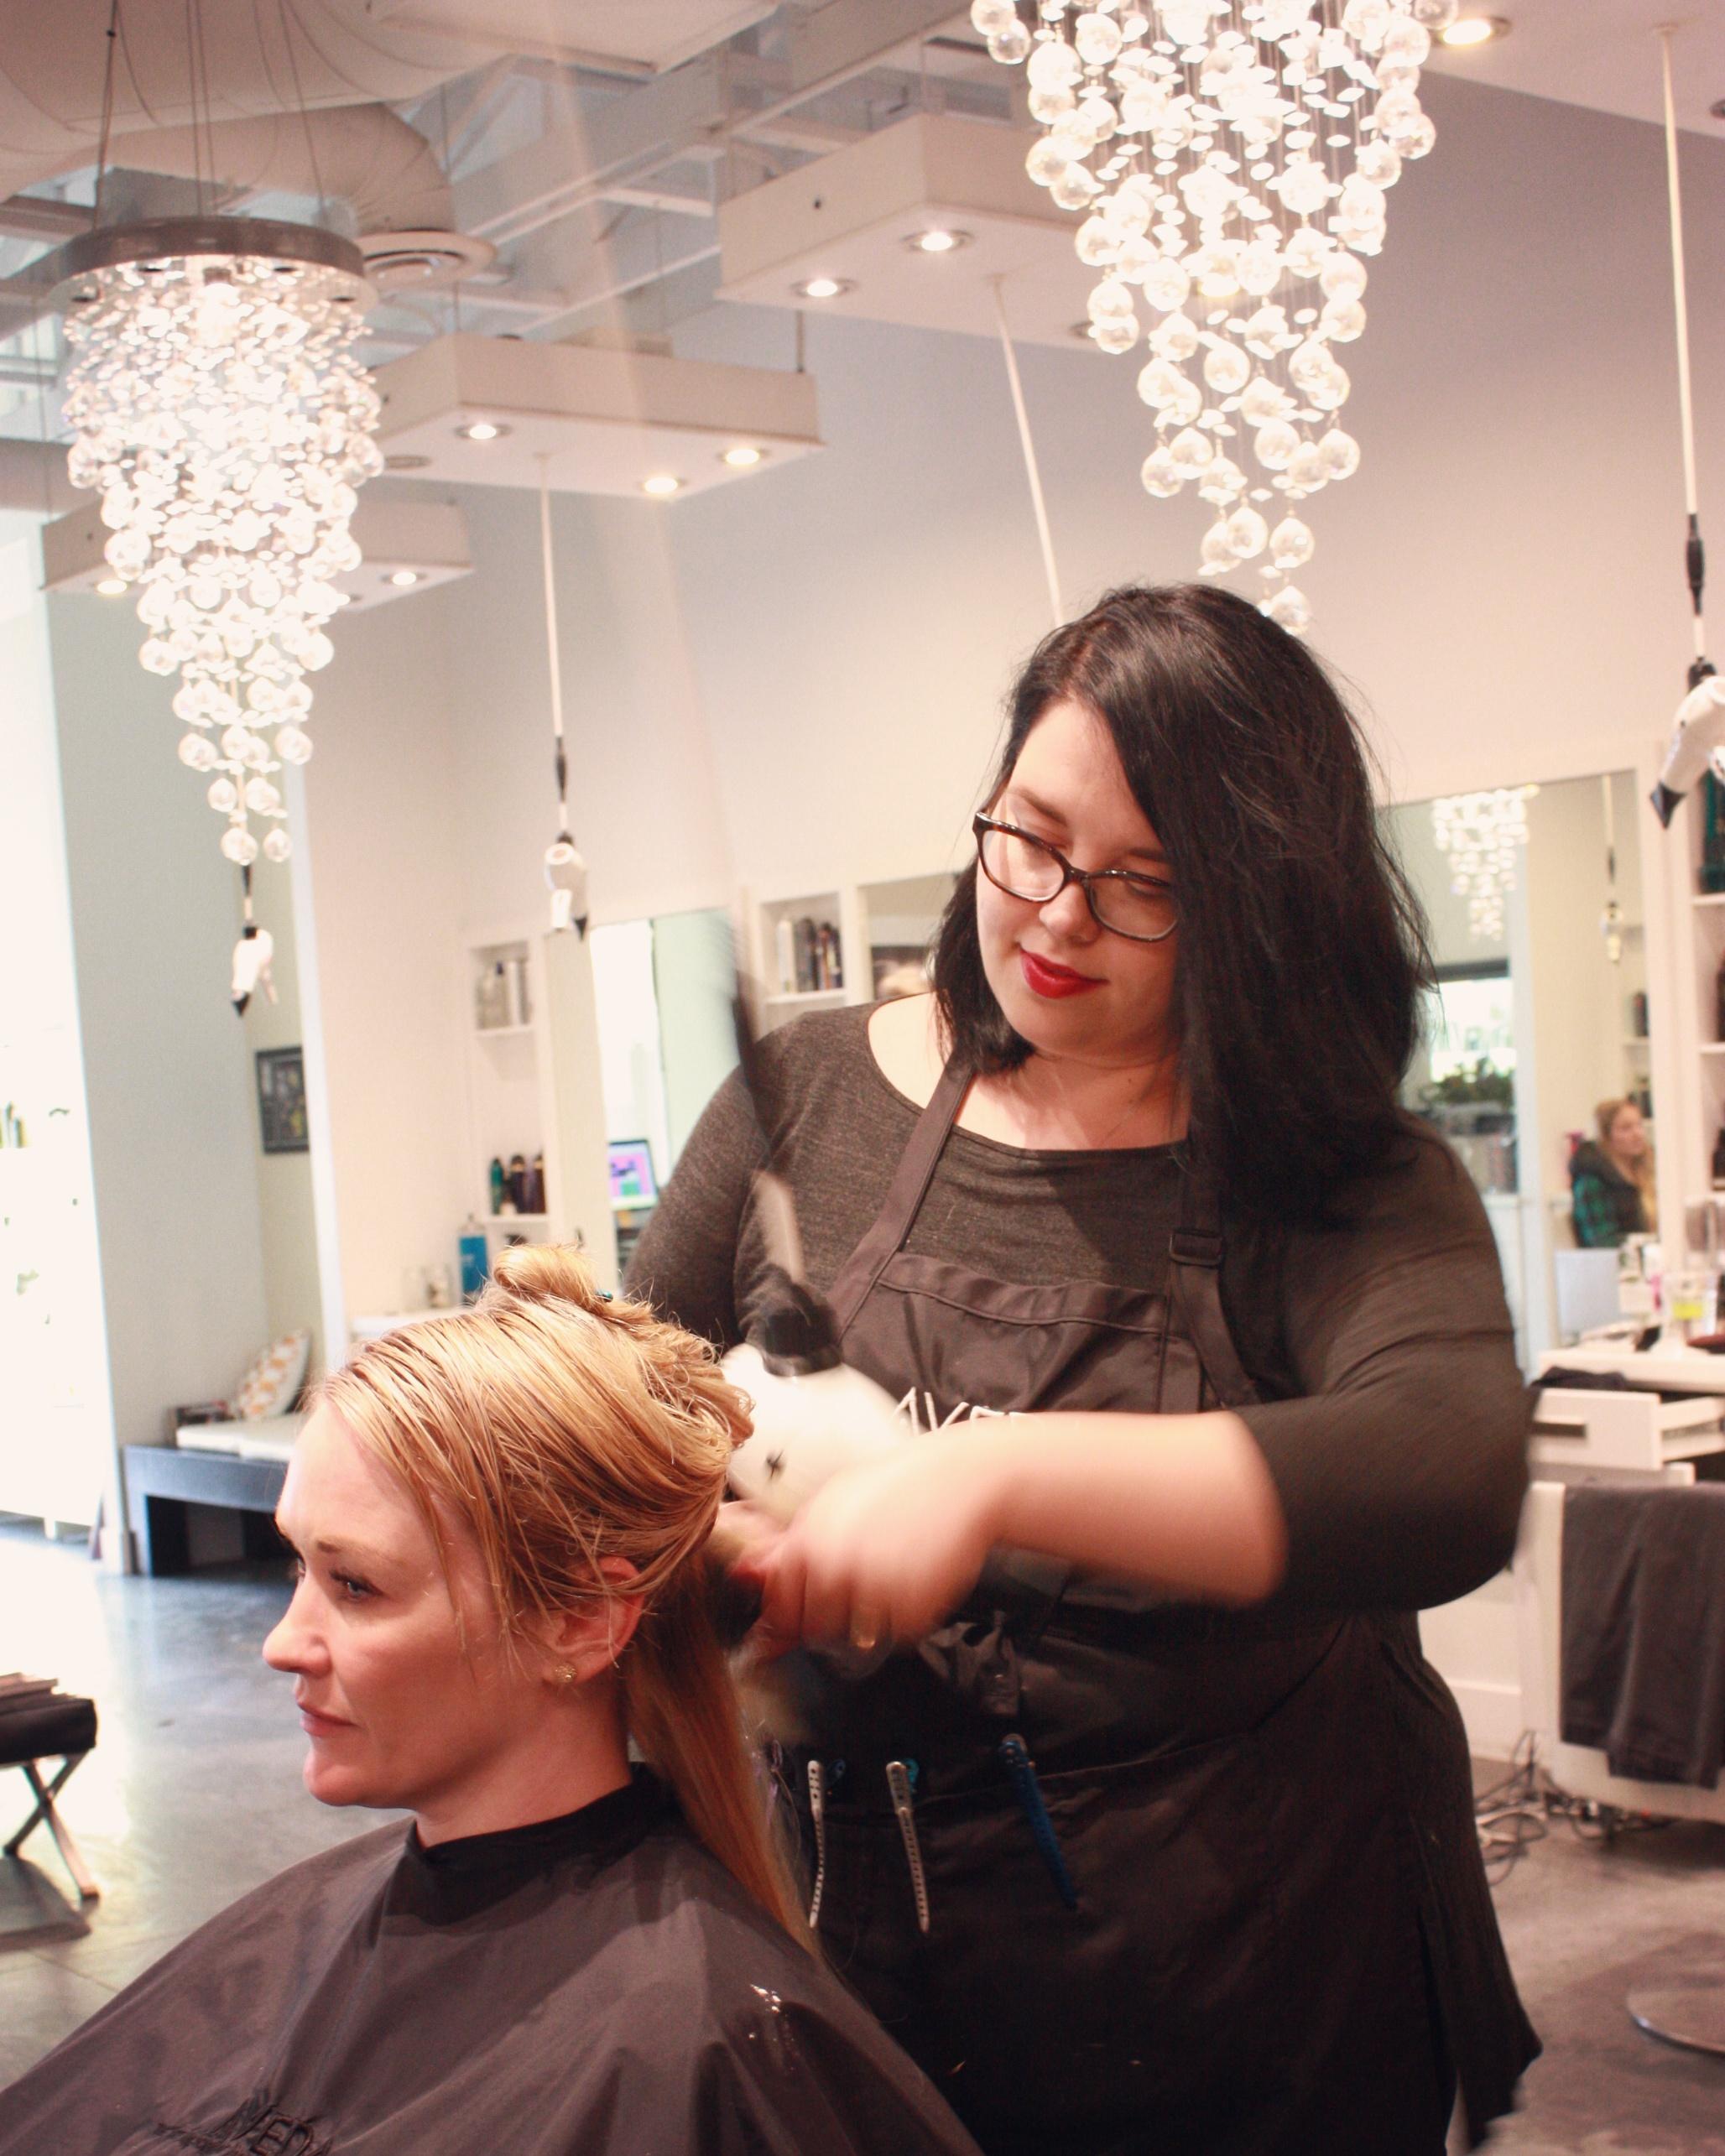 kassy moen froehlich capelli salon saskatoon